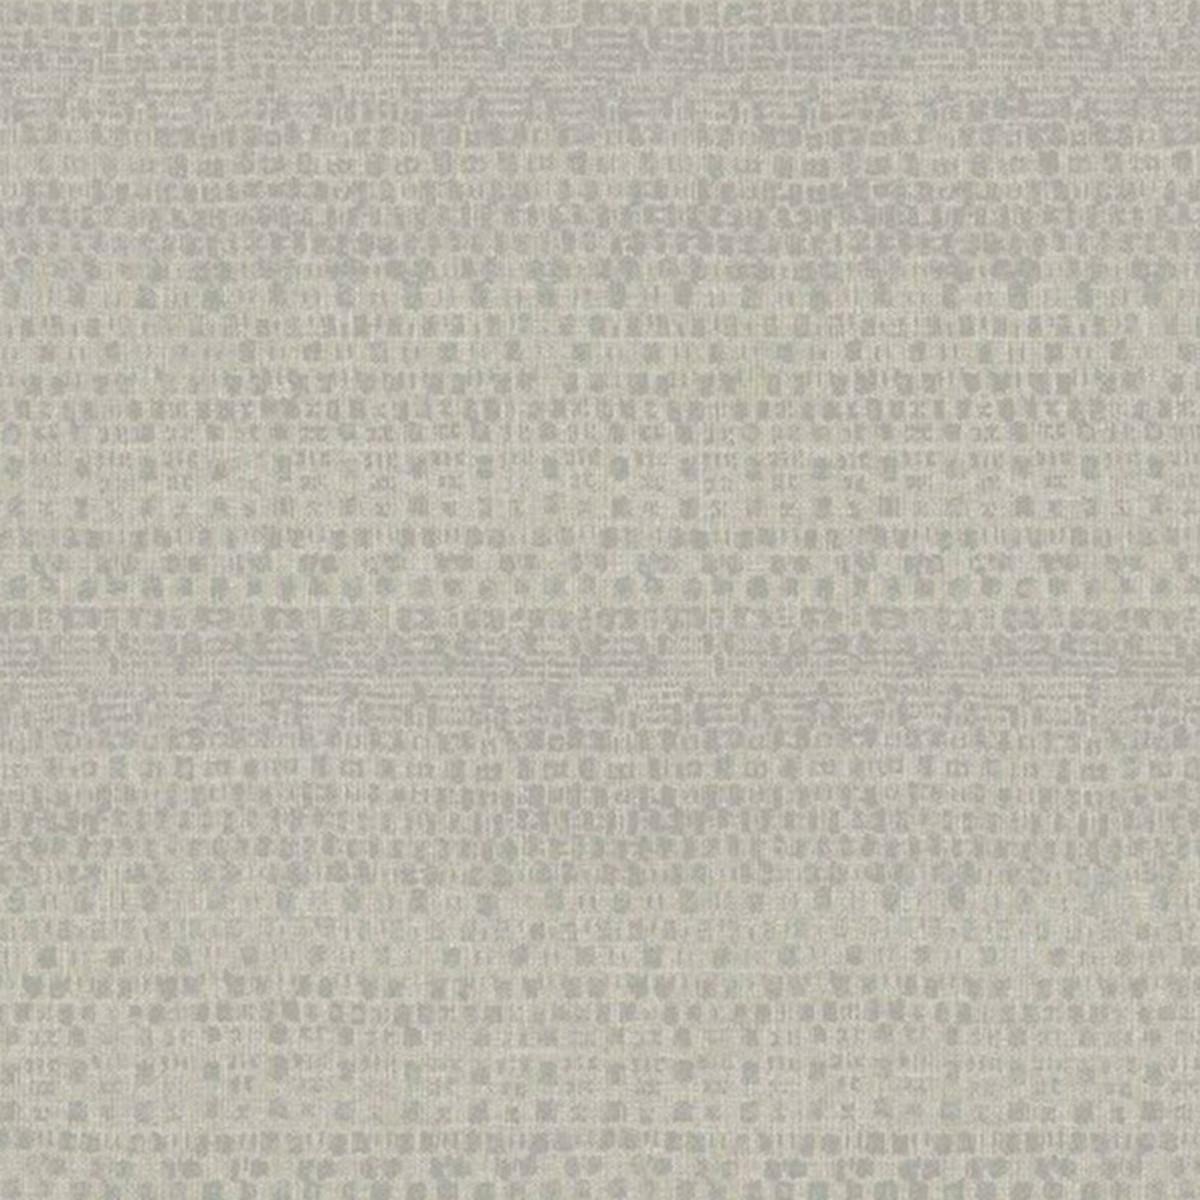 Обои флизелиновые Prospero Raw Elegance бежевые 0.53 м 343-347352